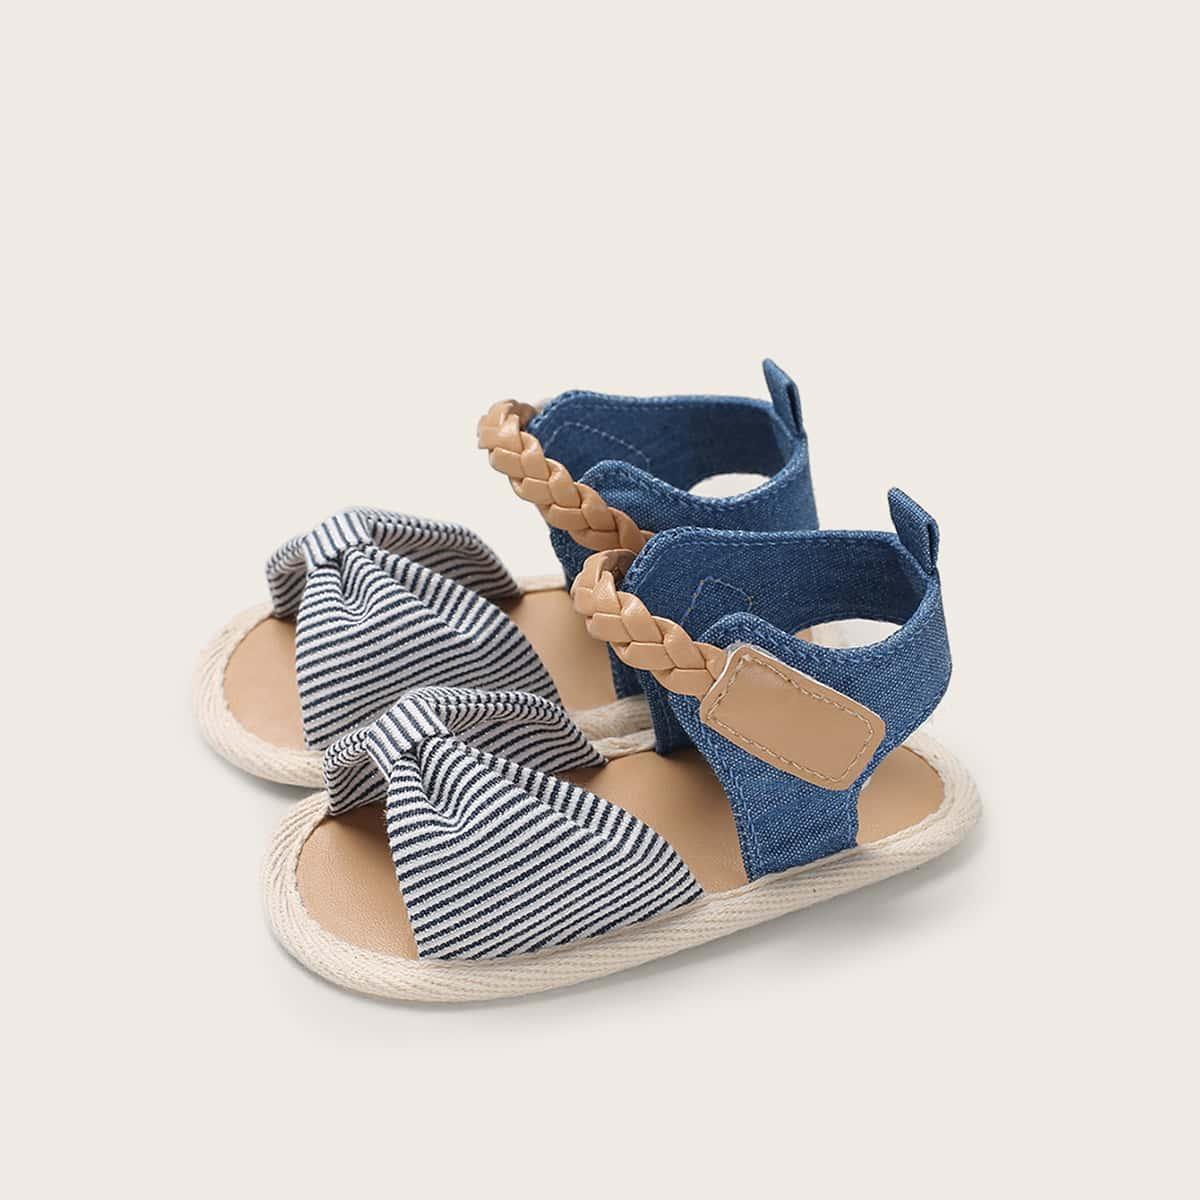 Полосатые сандалии с открытой пяткой для девочек от SHEIN